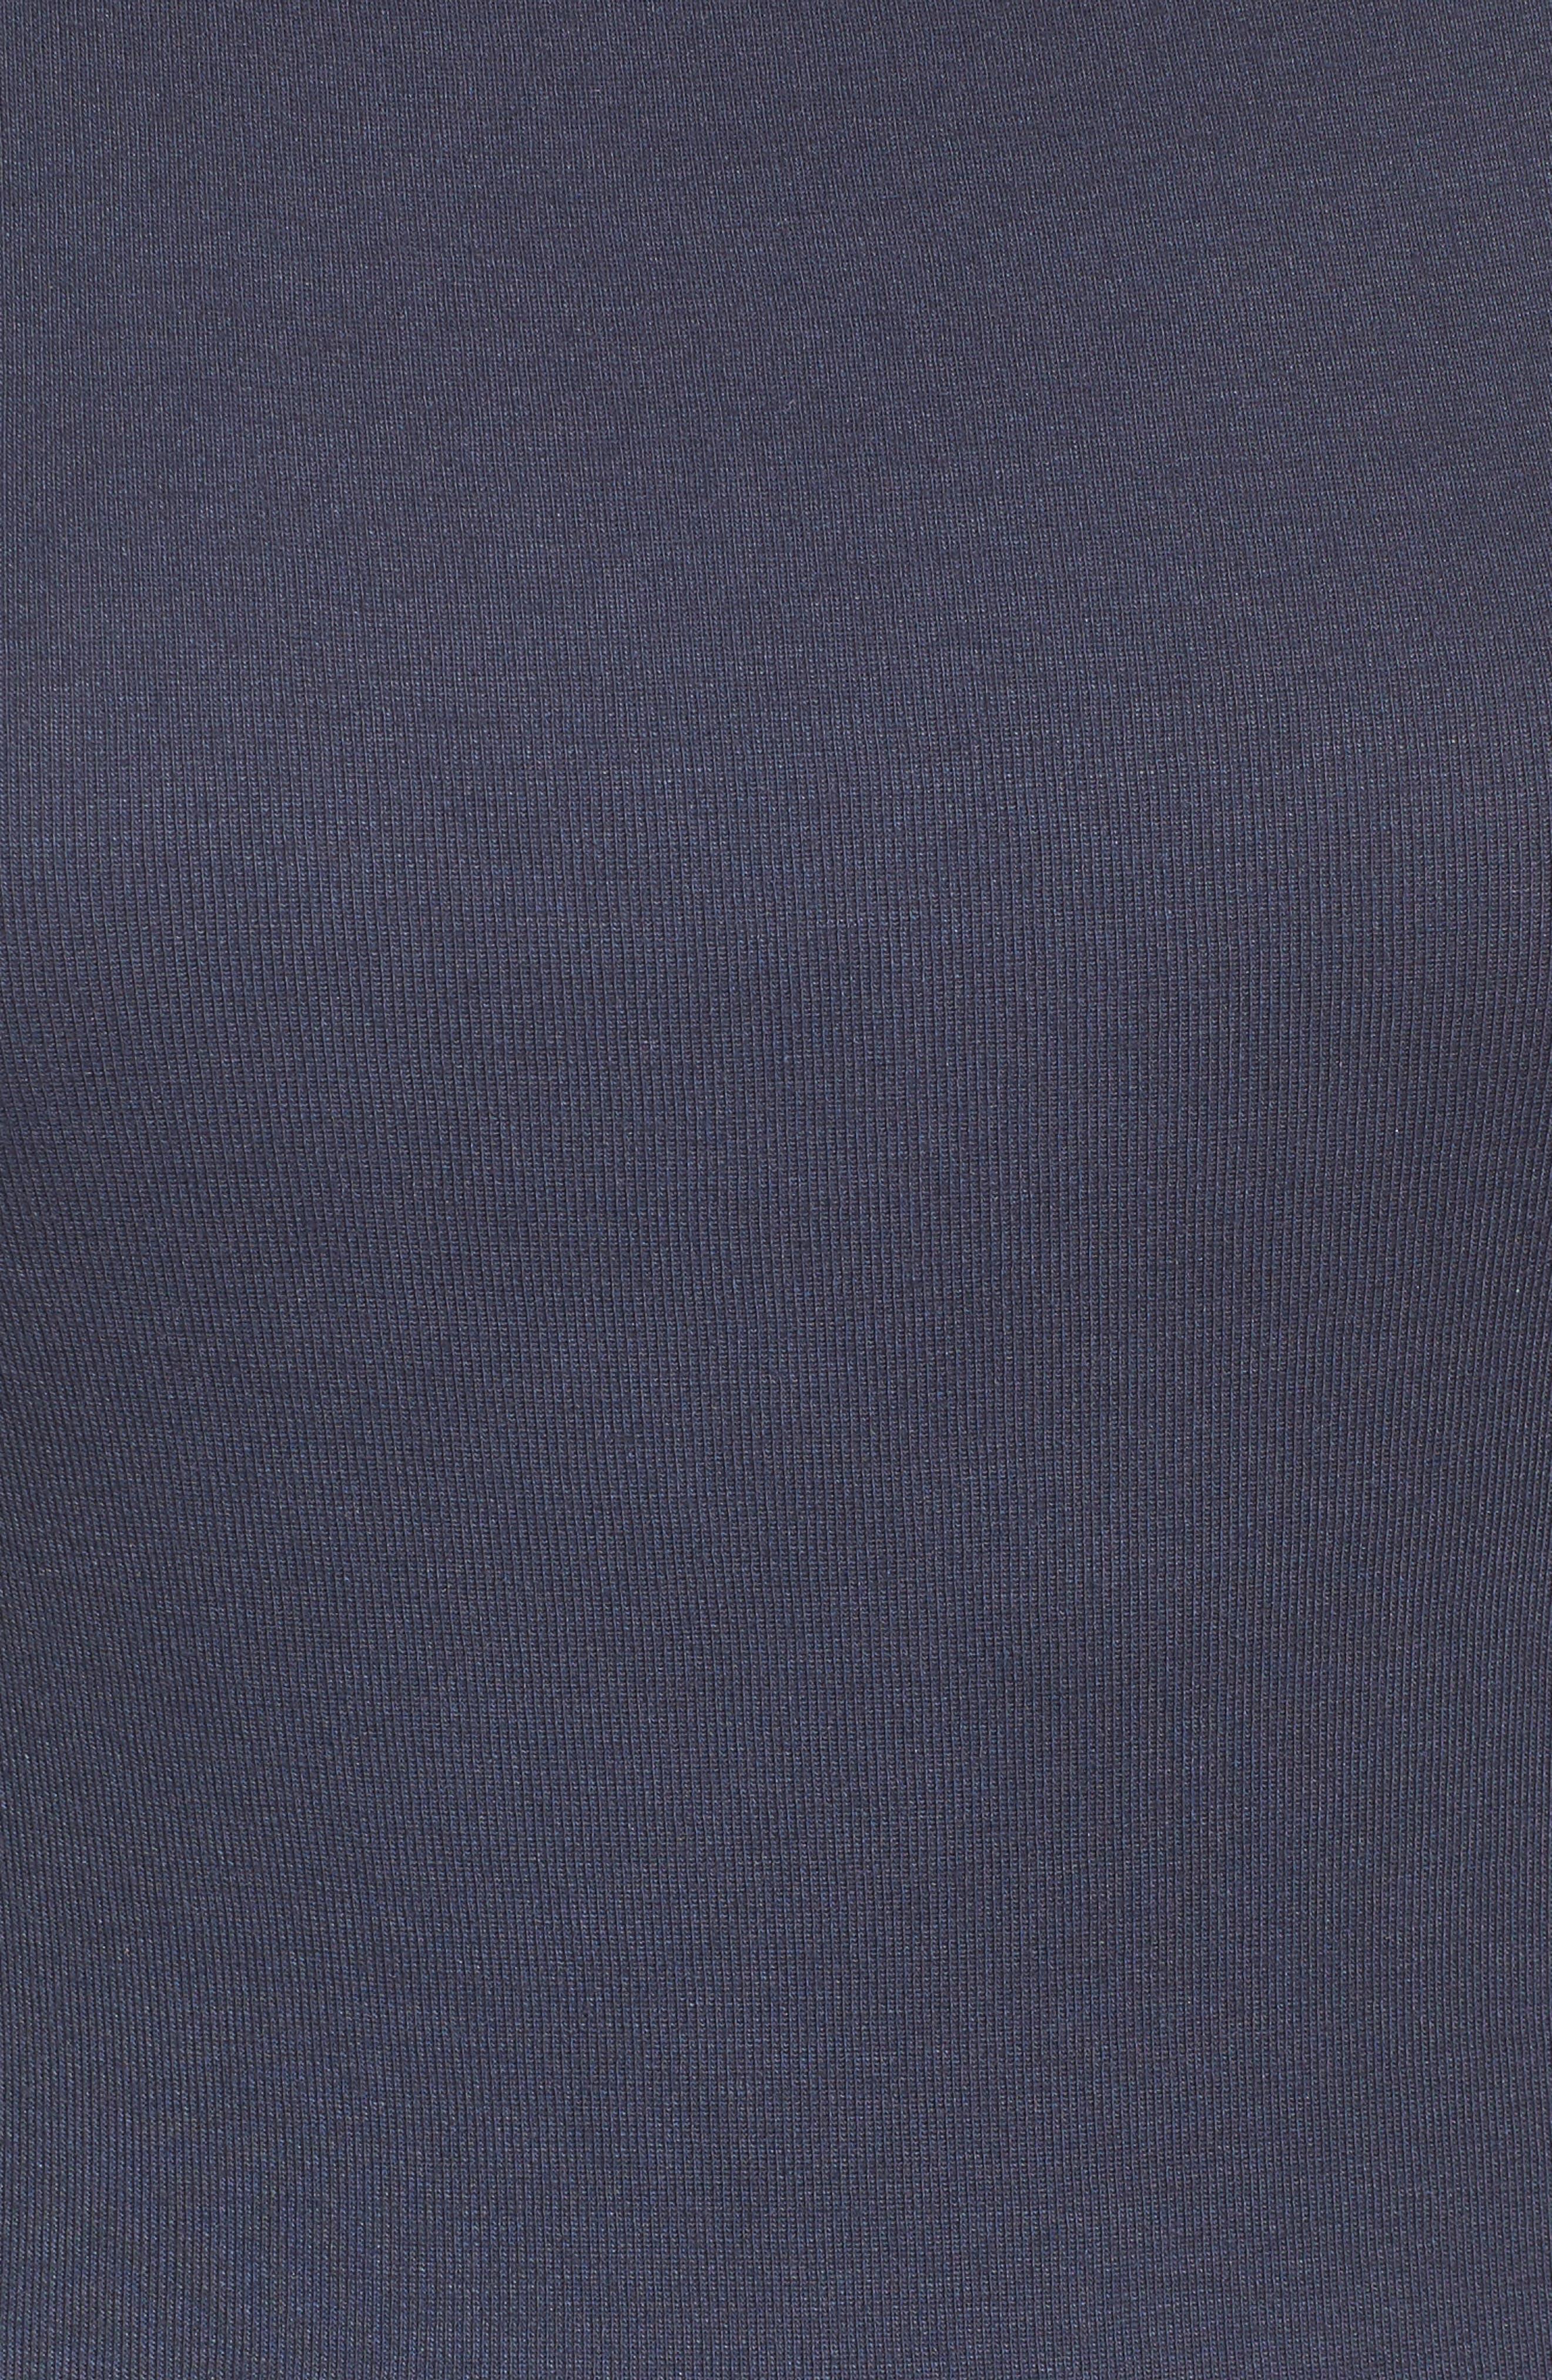 Three Quarter Sleeve Tee,                             Alternate thumbnail 90, color,